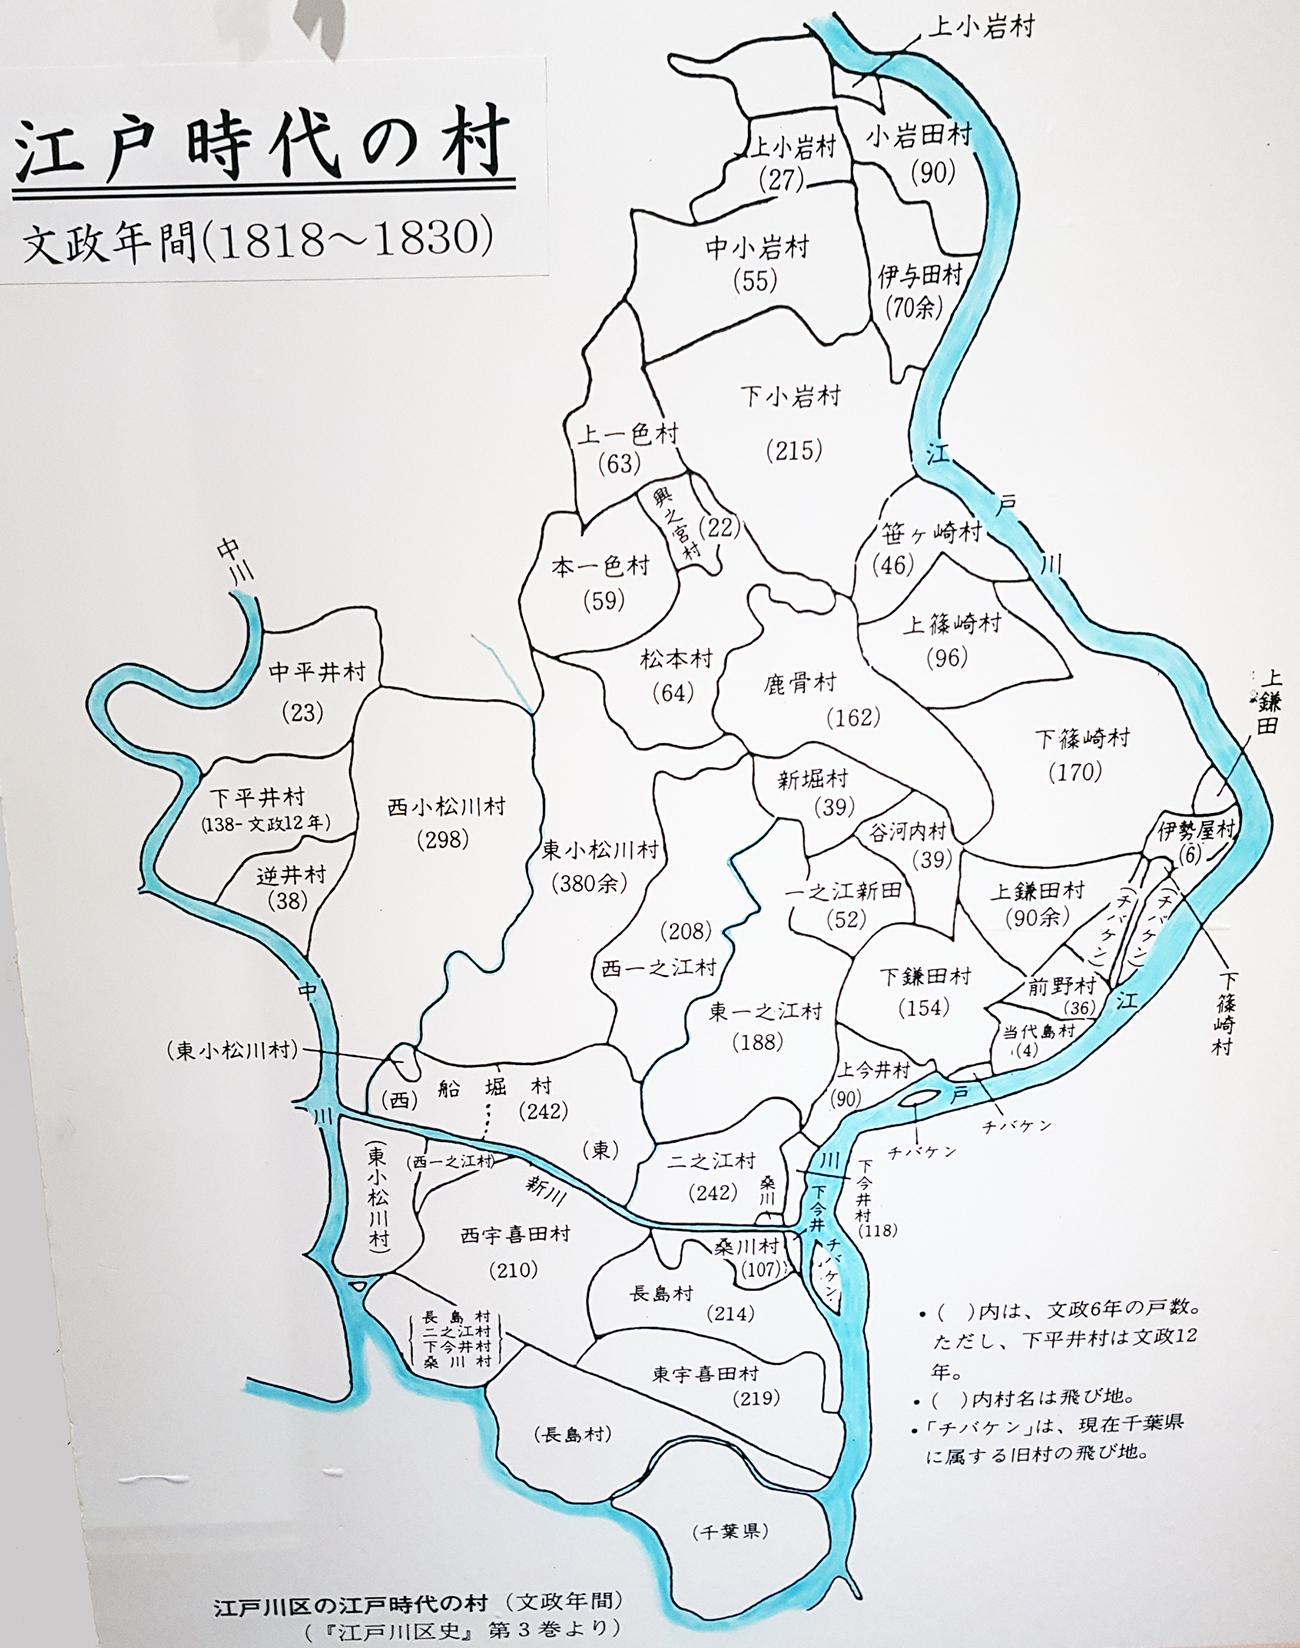 画像 江戸時代の村